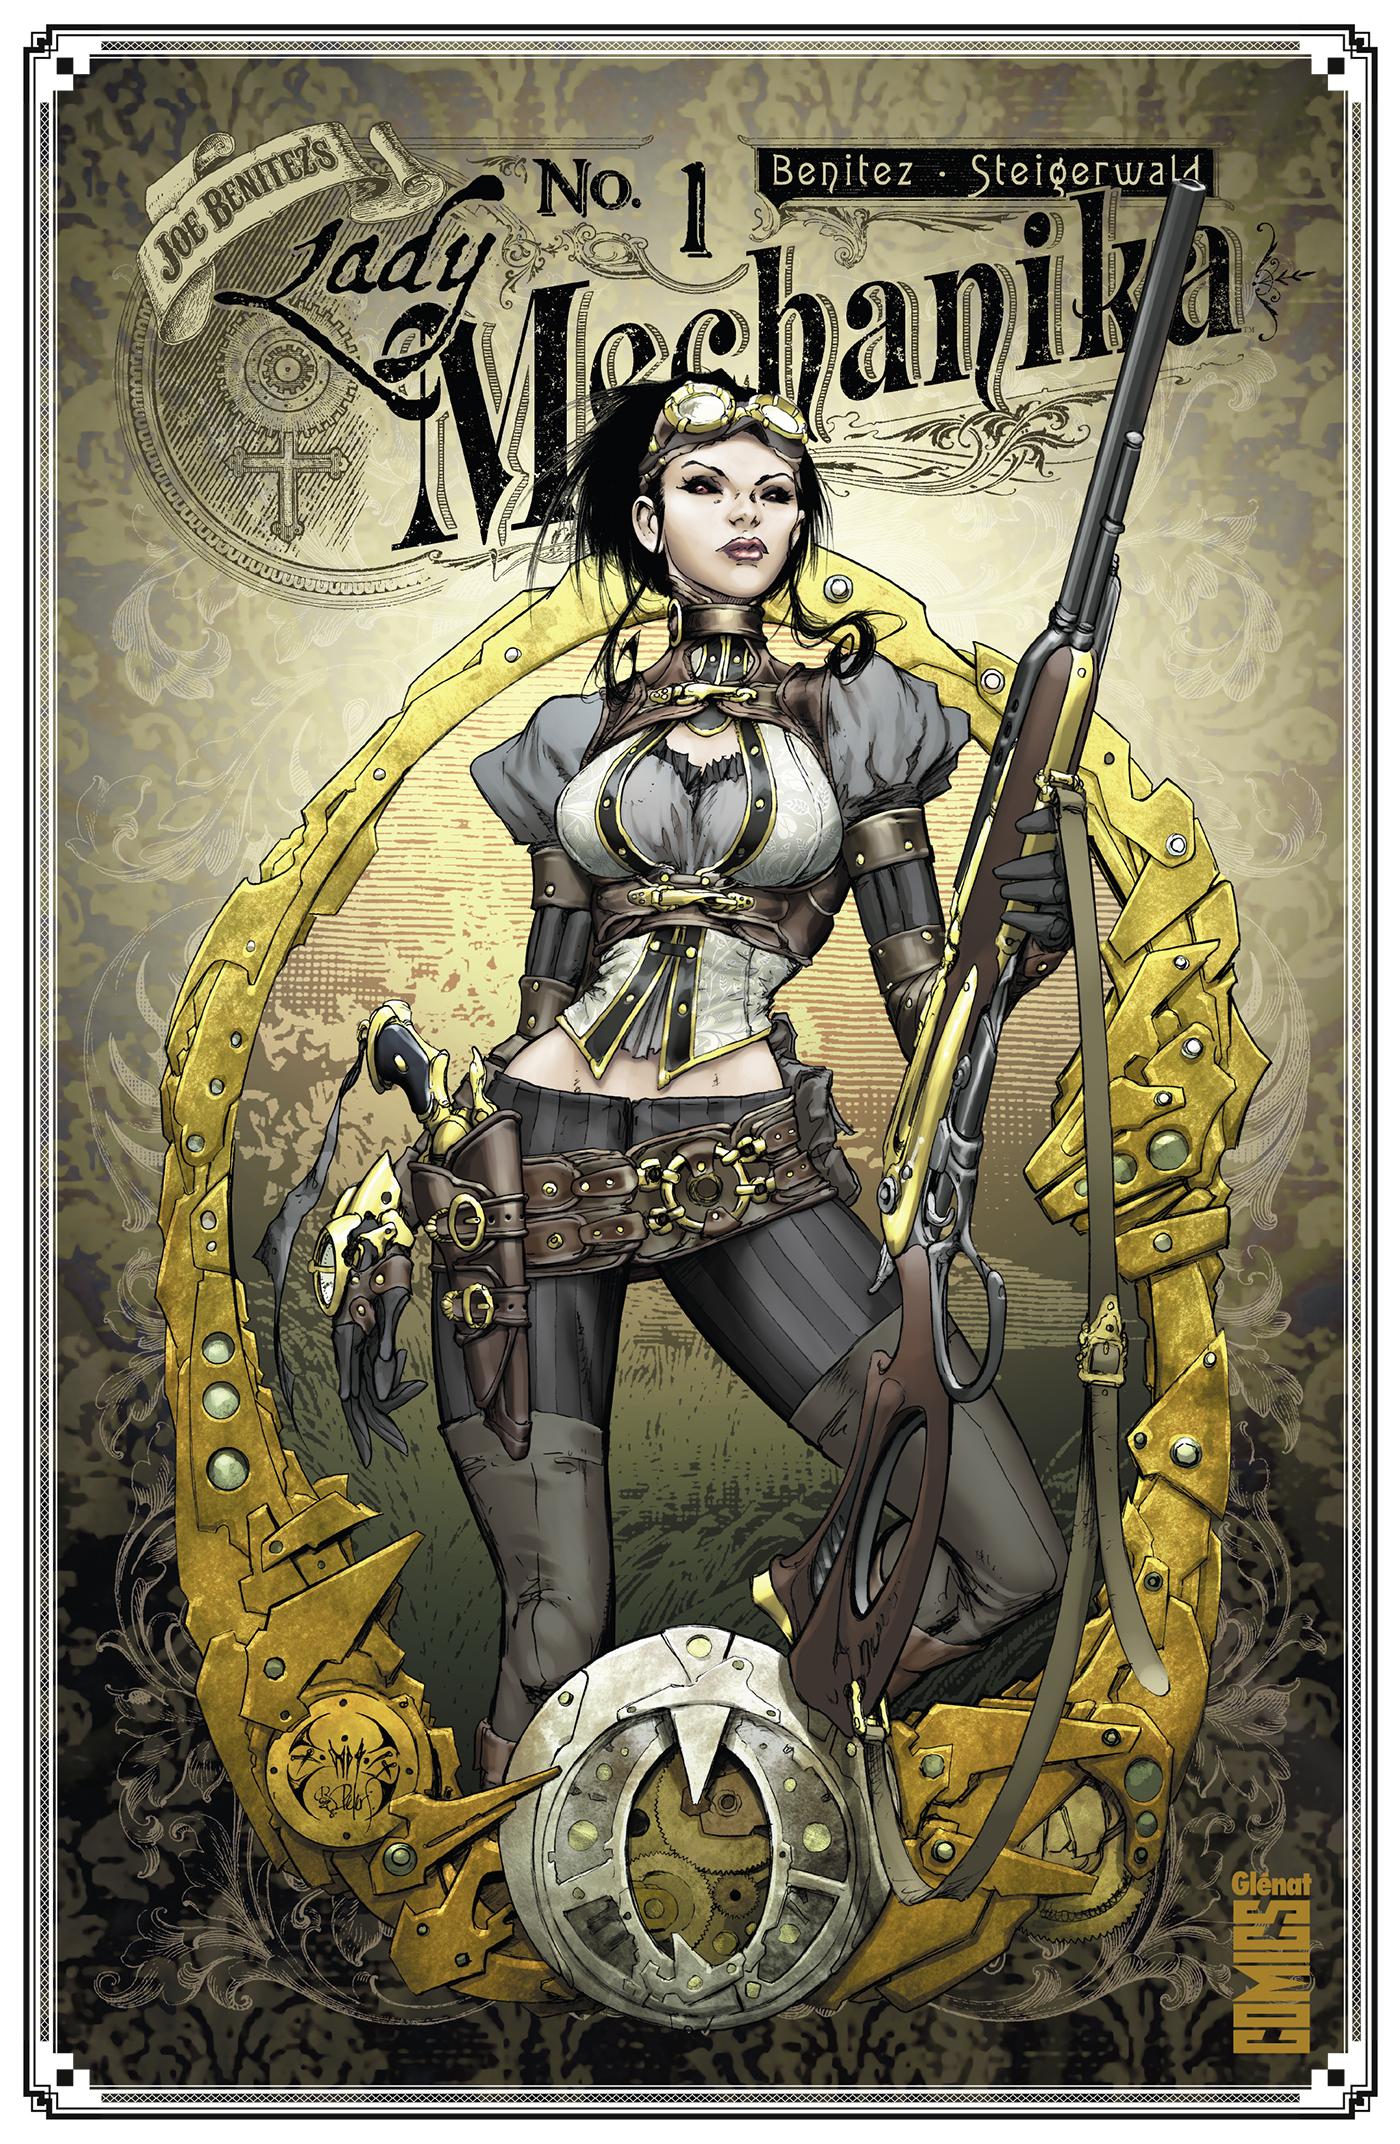 Lady Mechanika 1 - Le mystère du corps mécanique